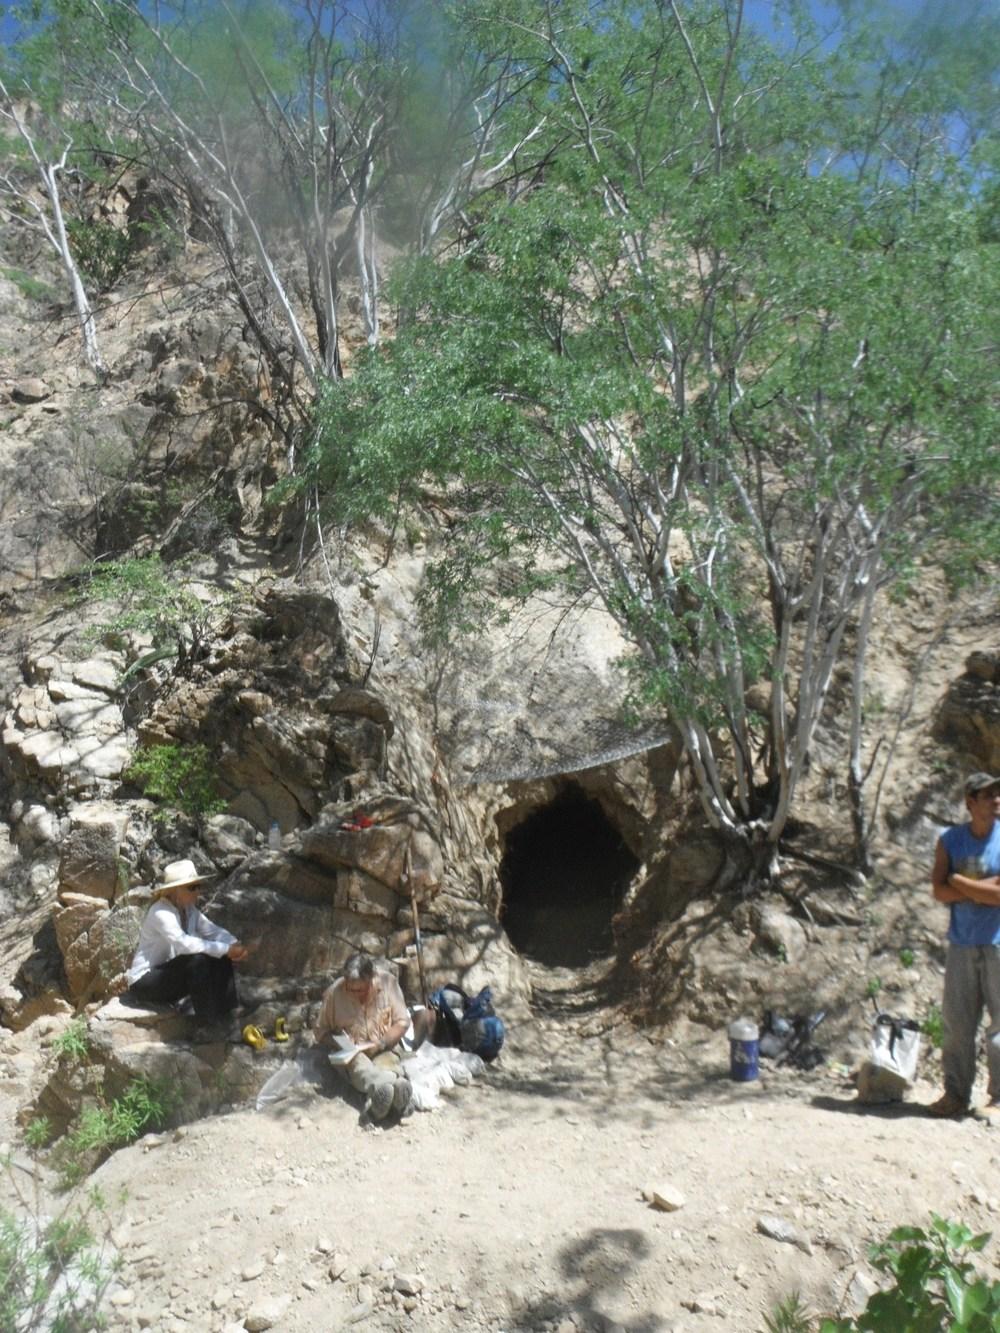 Un túnel abandonado descubierto por nuestros geólogos e historiadores.